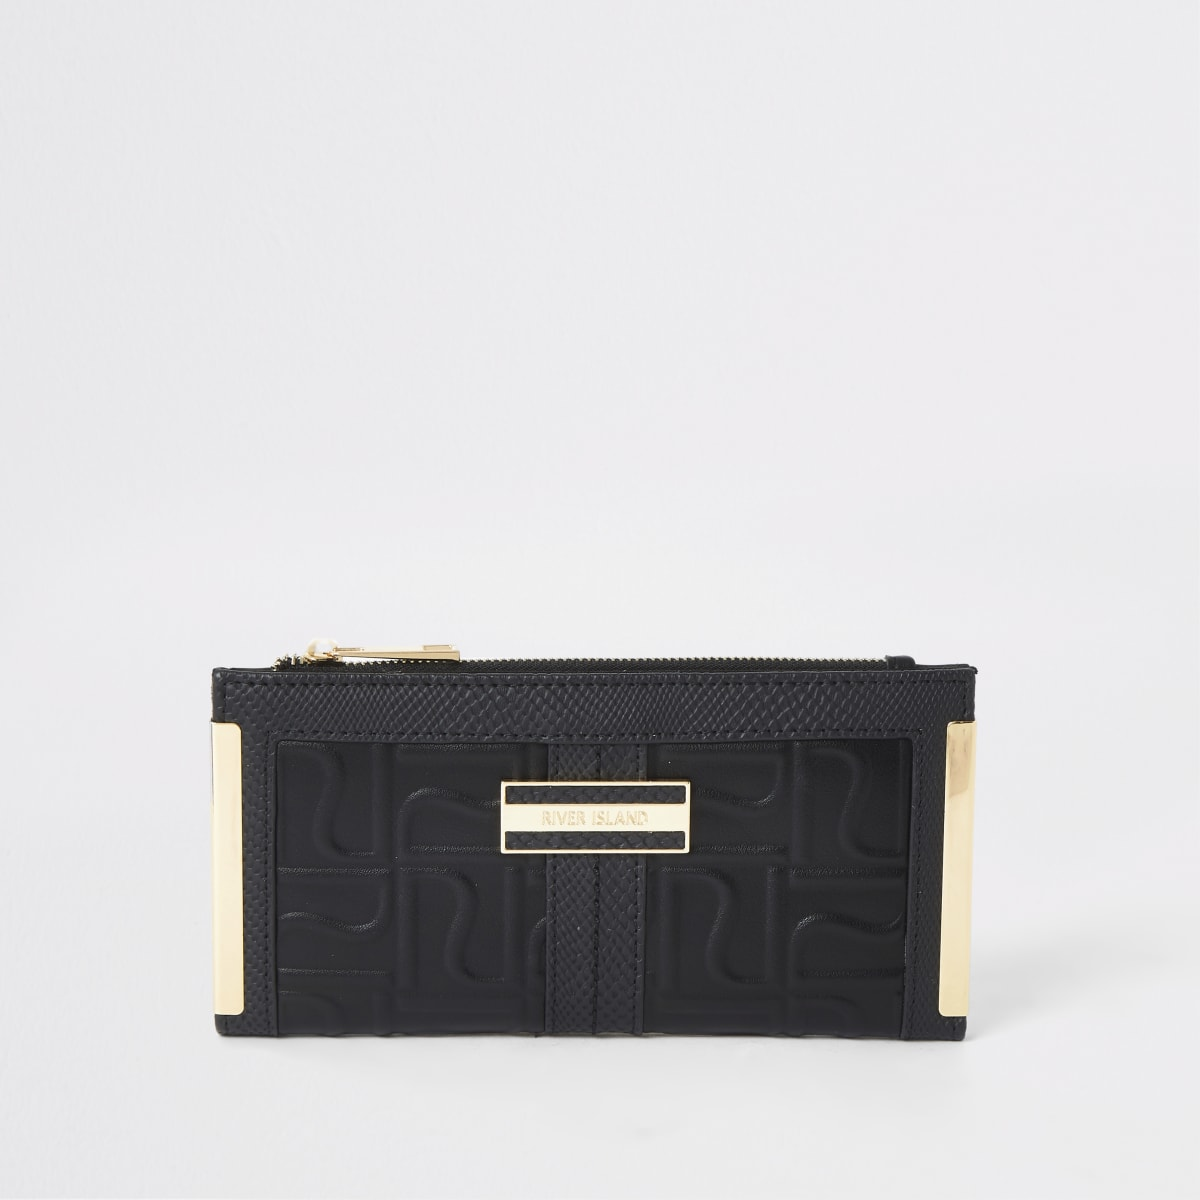 Zwarte uitvouwbare portemonnee met RI-logo in reliëf en metalen hoeken